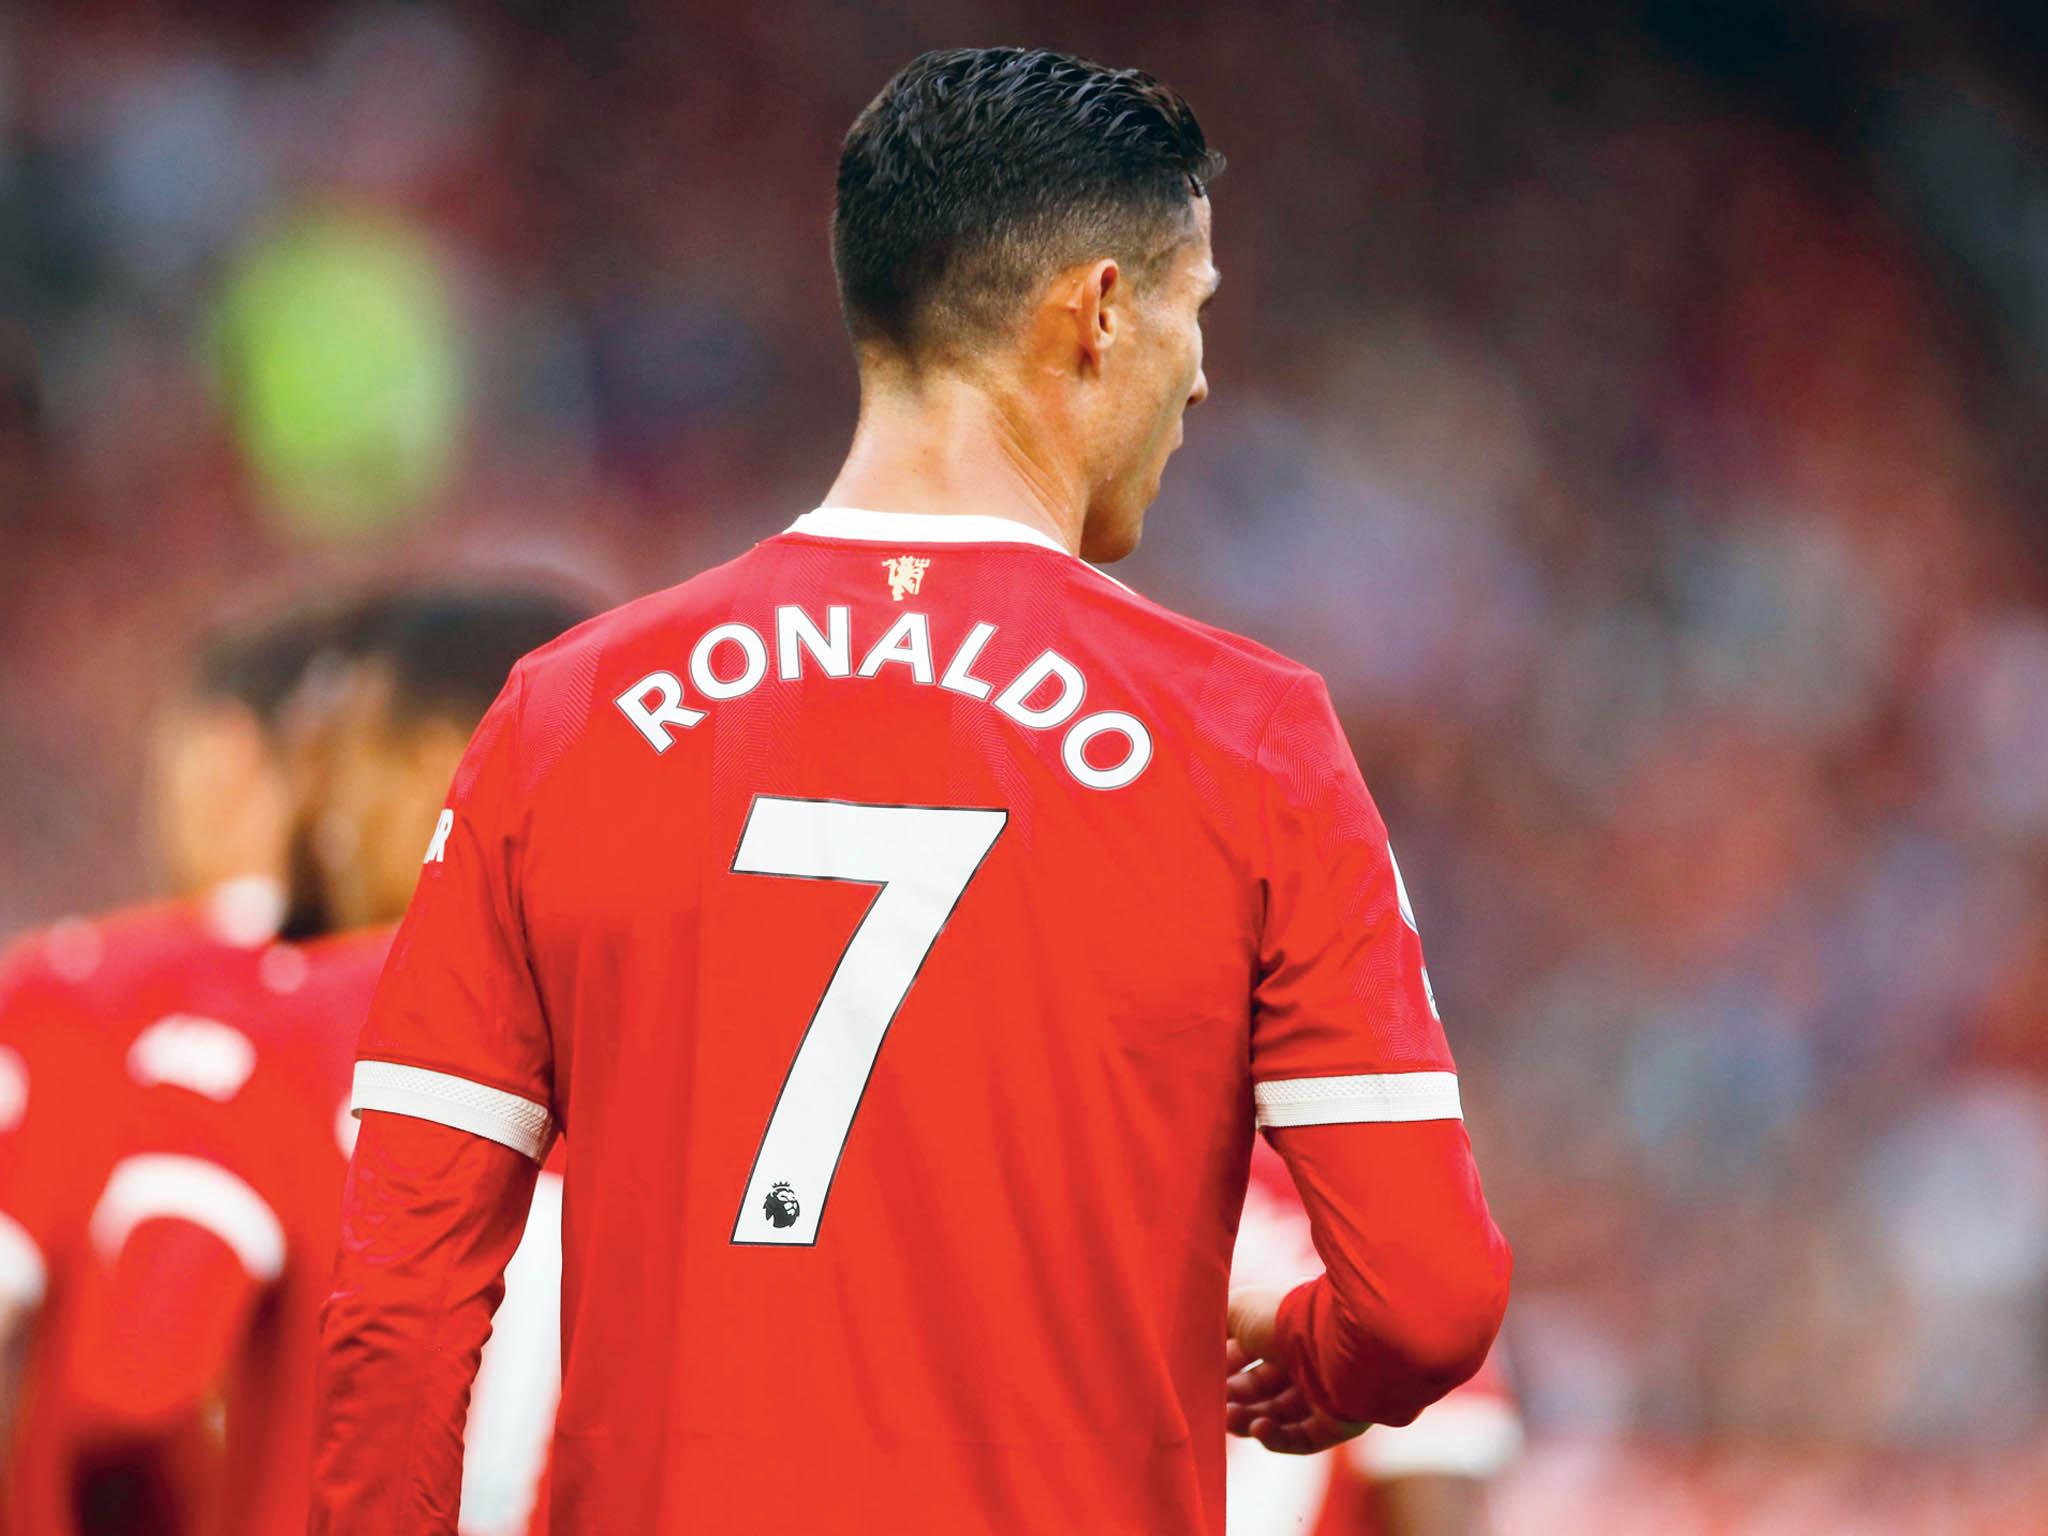 Pomůže Ronaldův přestup akciím Manchesteru United?